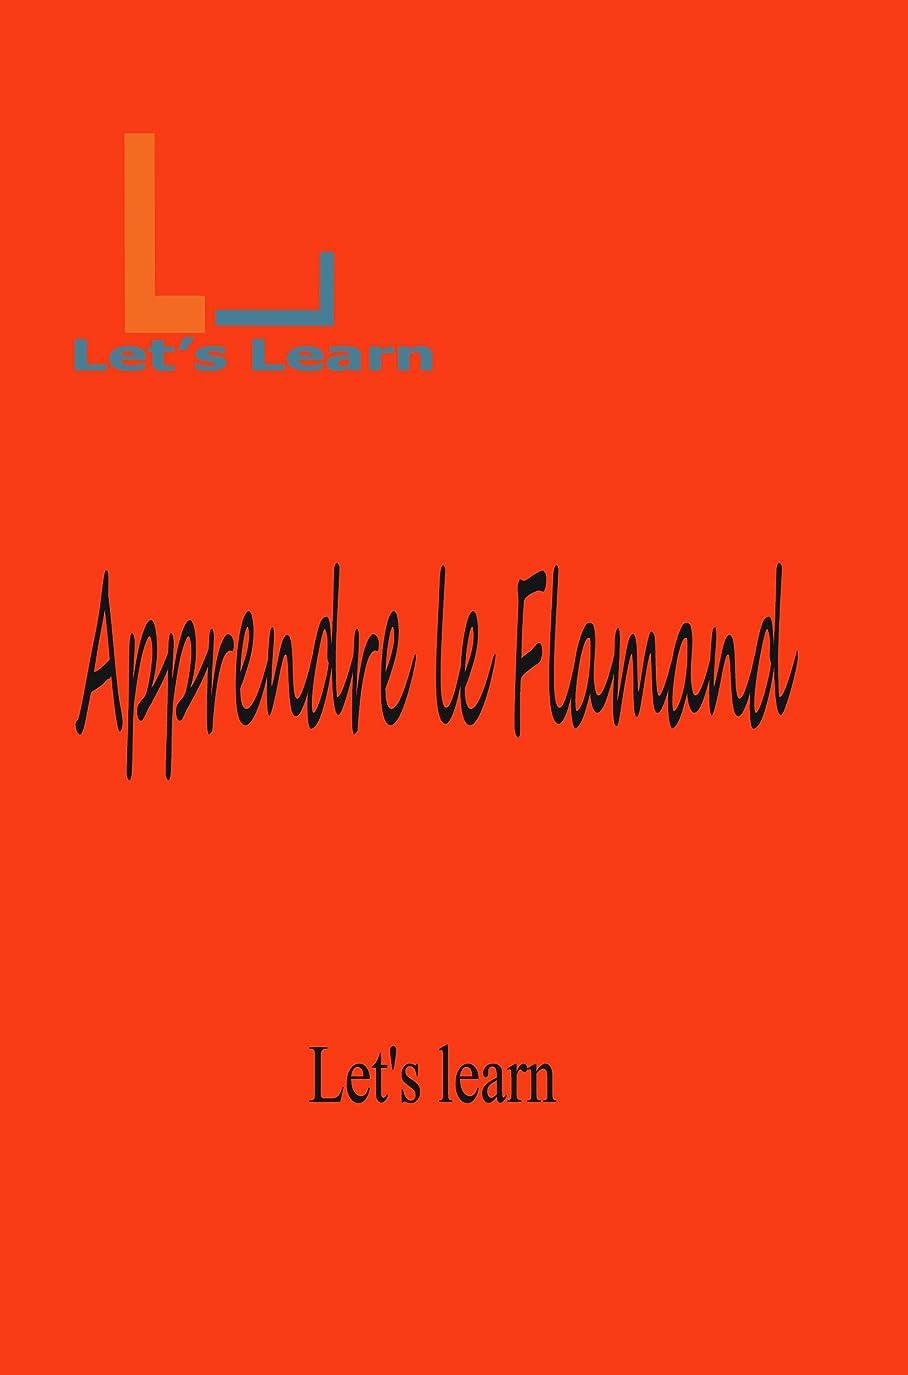 フィードぴかぴか南極Let's Learn - Apprendre le Flamand (French Edition)